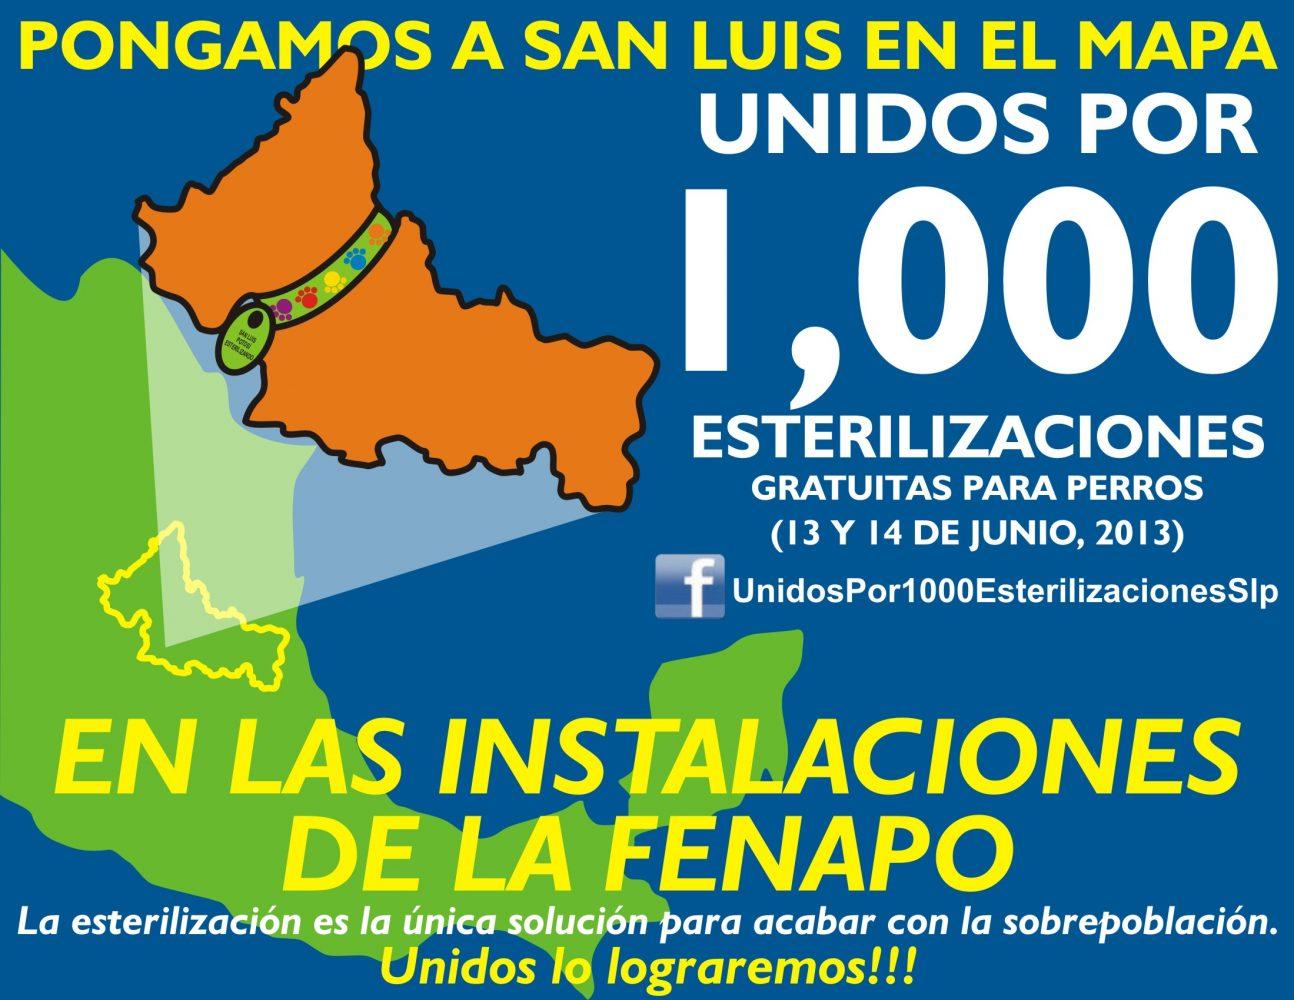 1000 esterilizaciones inst FENAPO